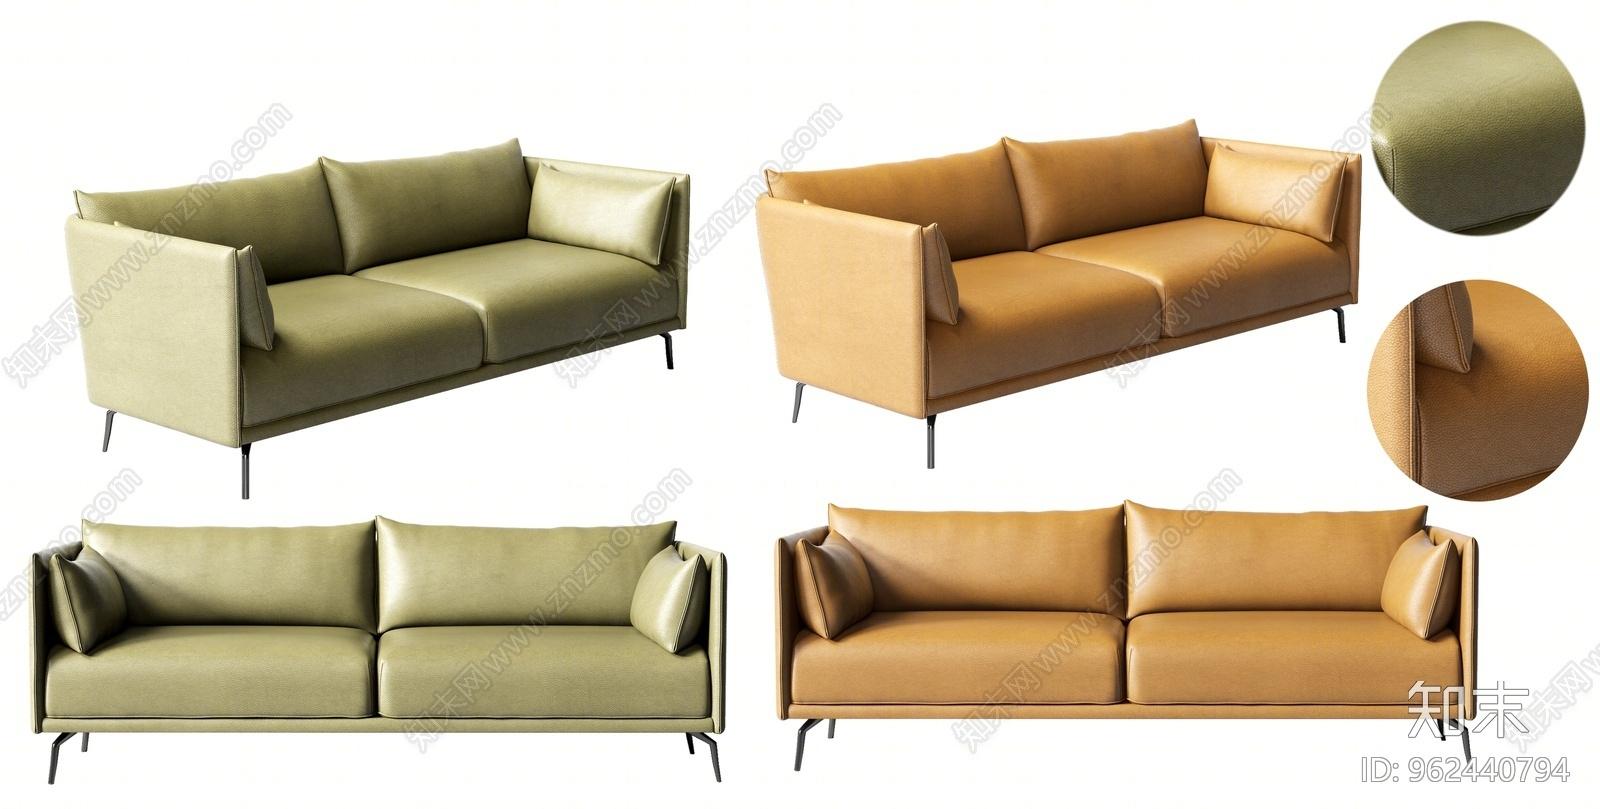 现代皮质沙发3D模型下载【ID:962440794】